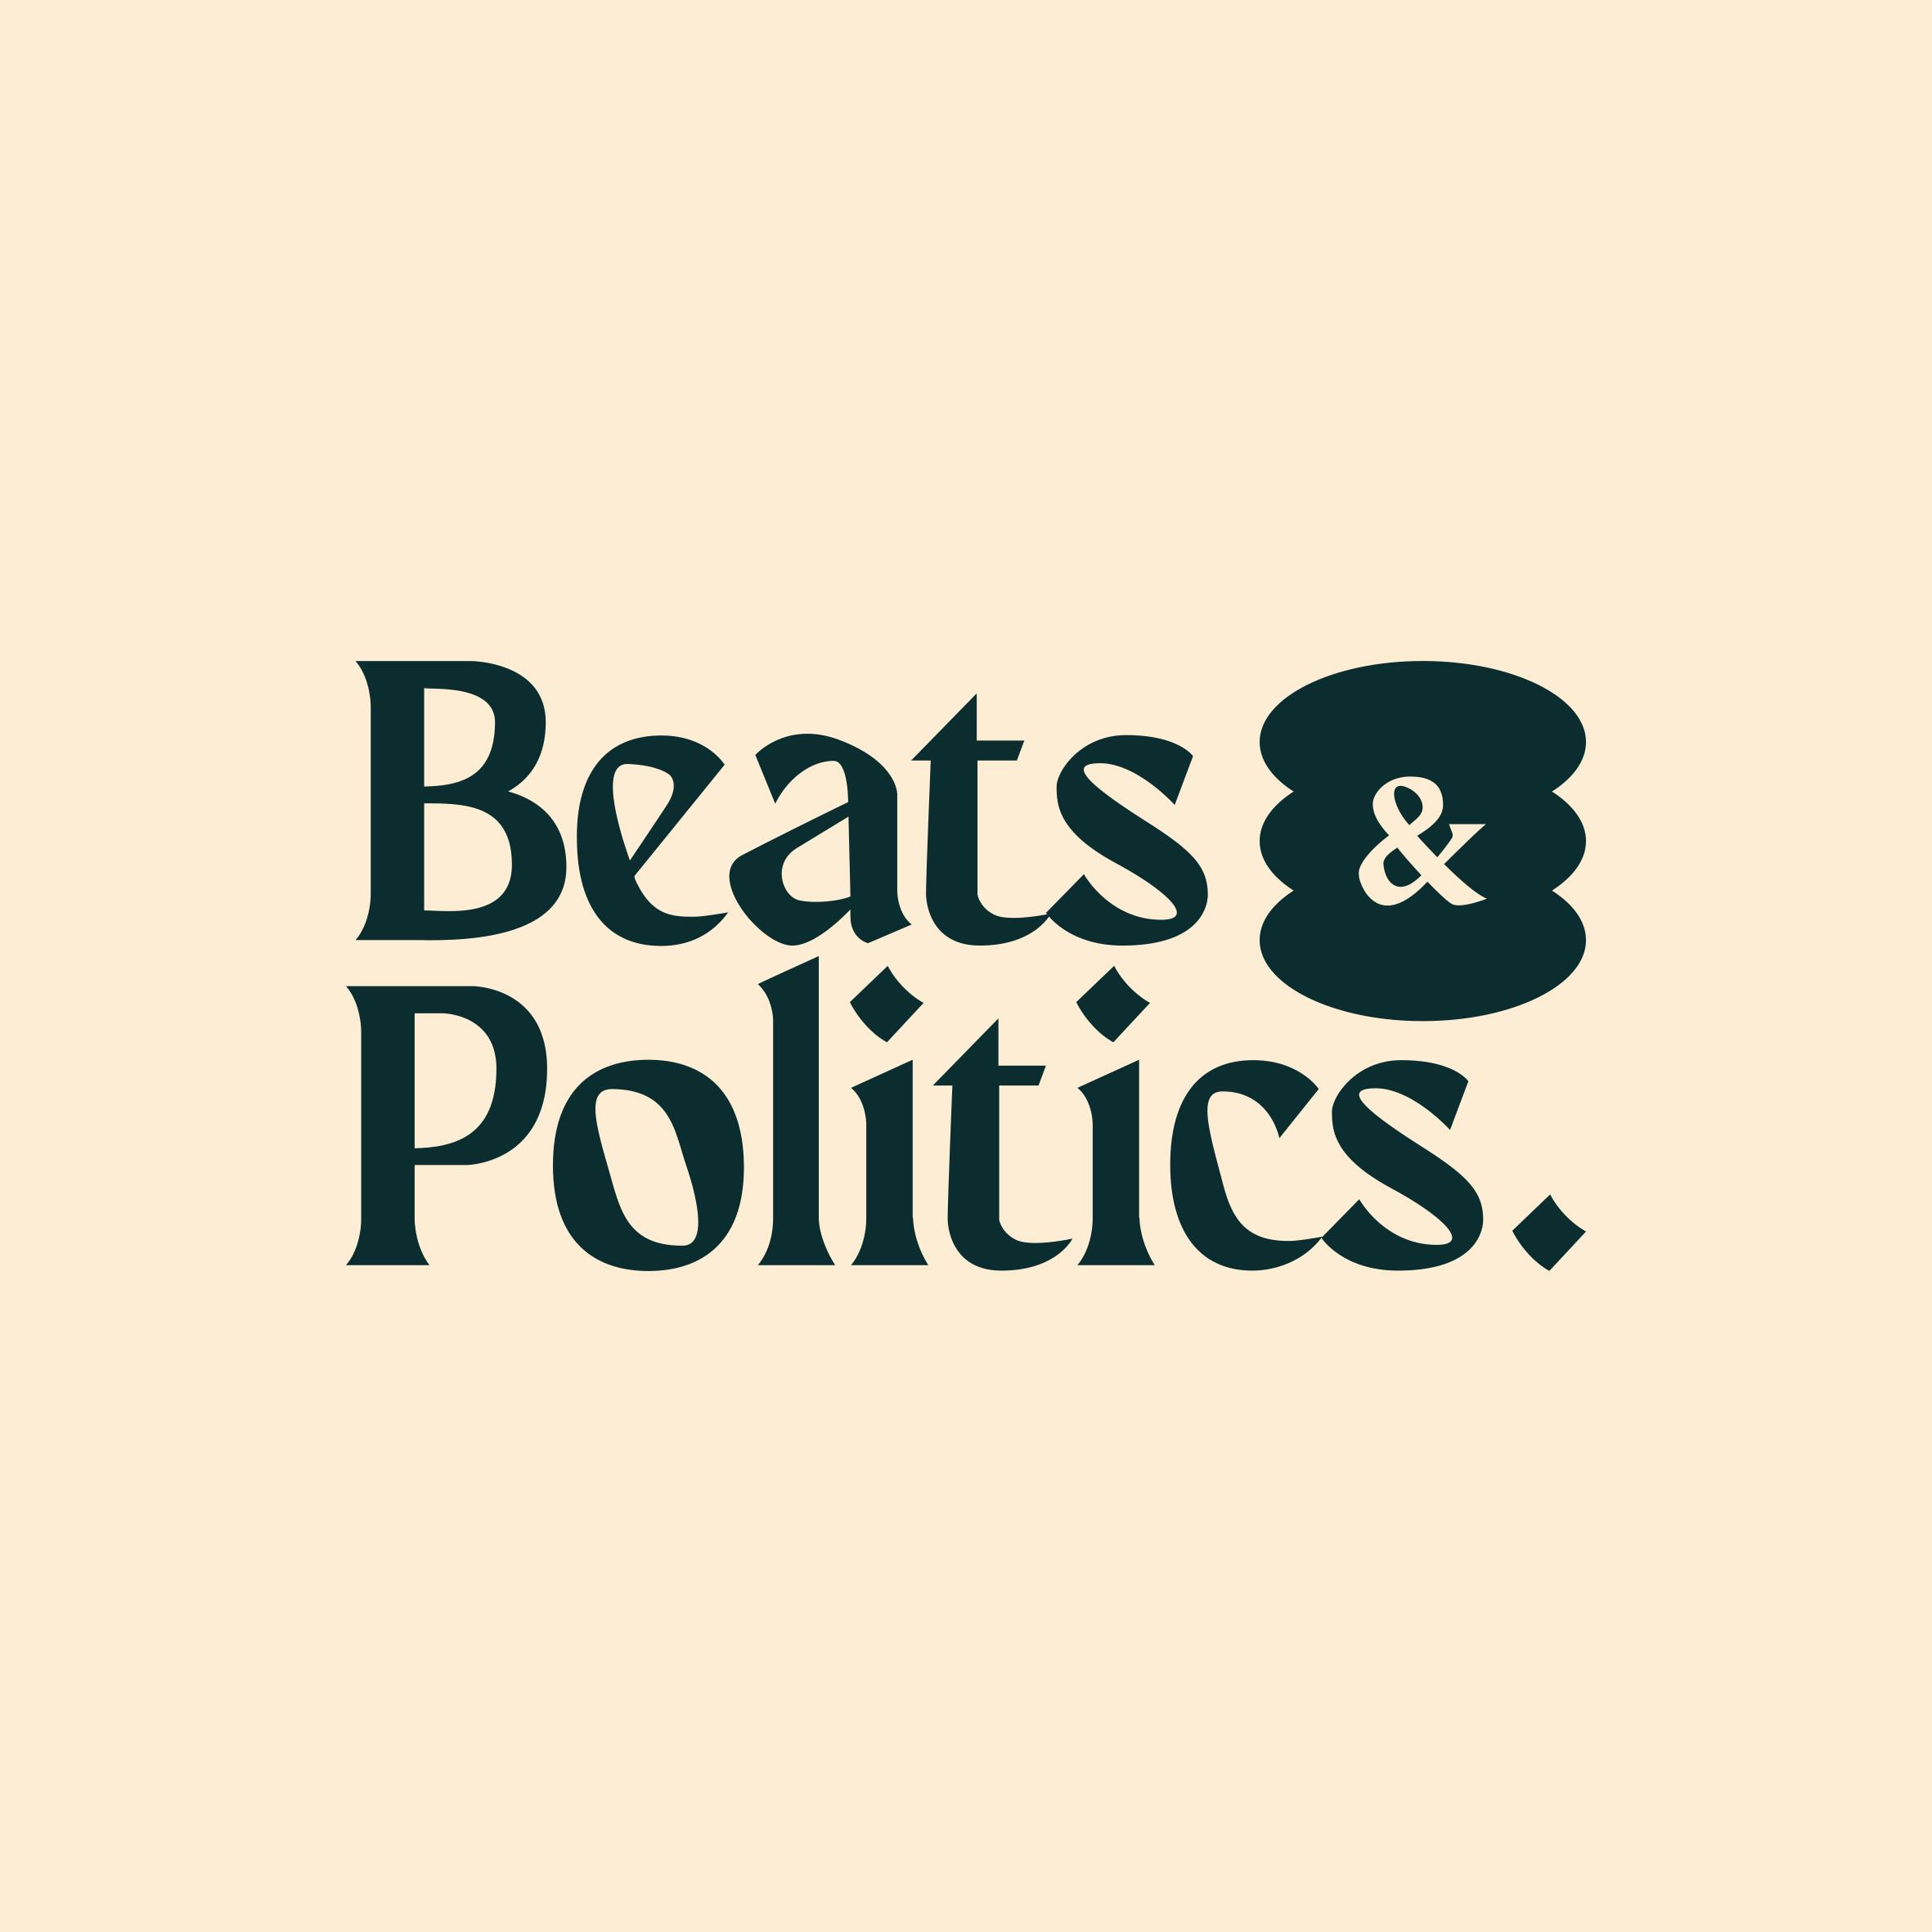 BEATS & POLITICS